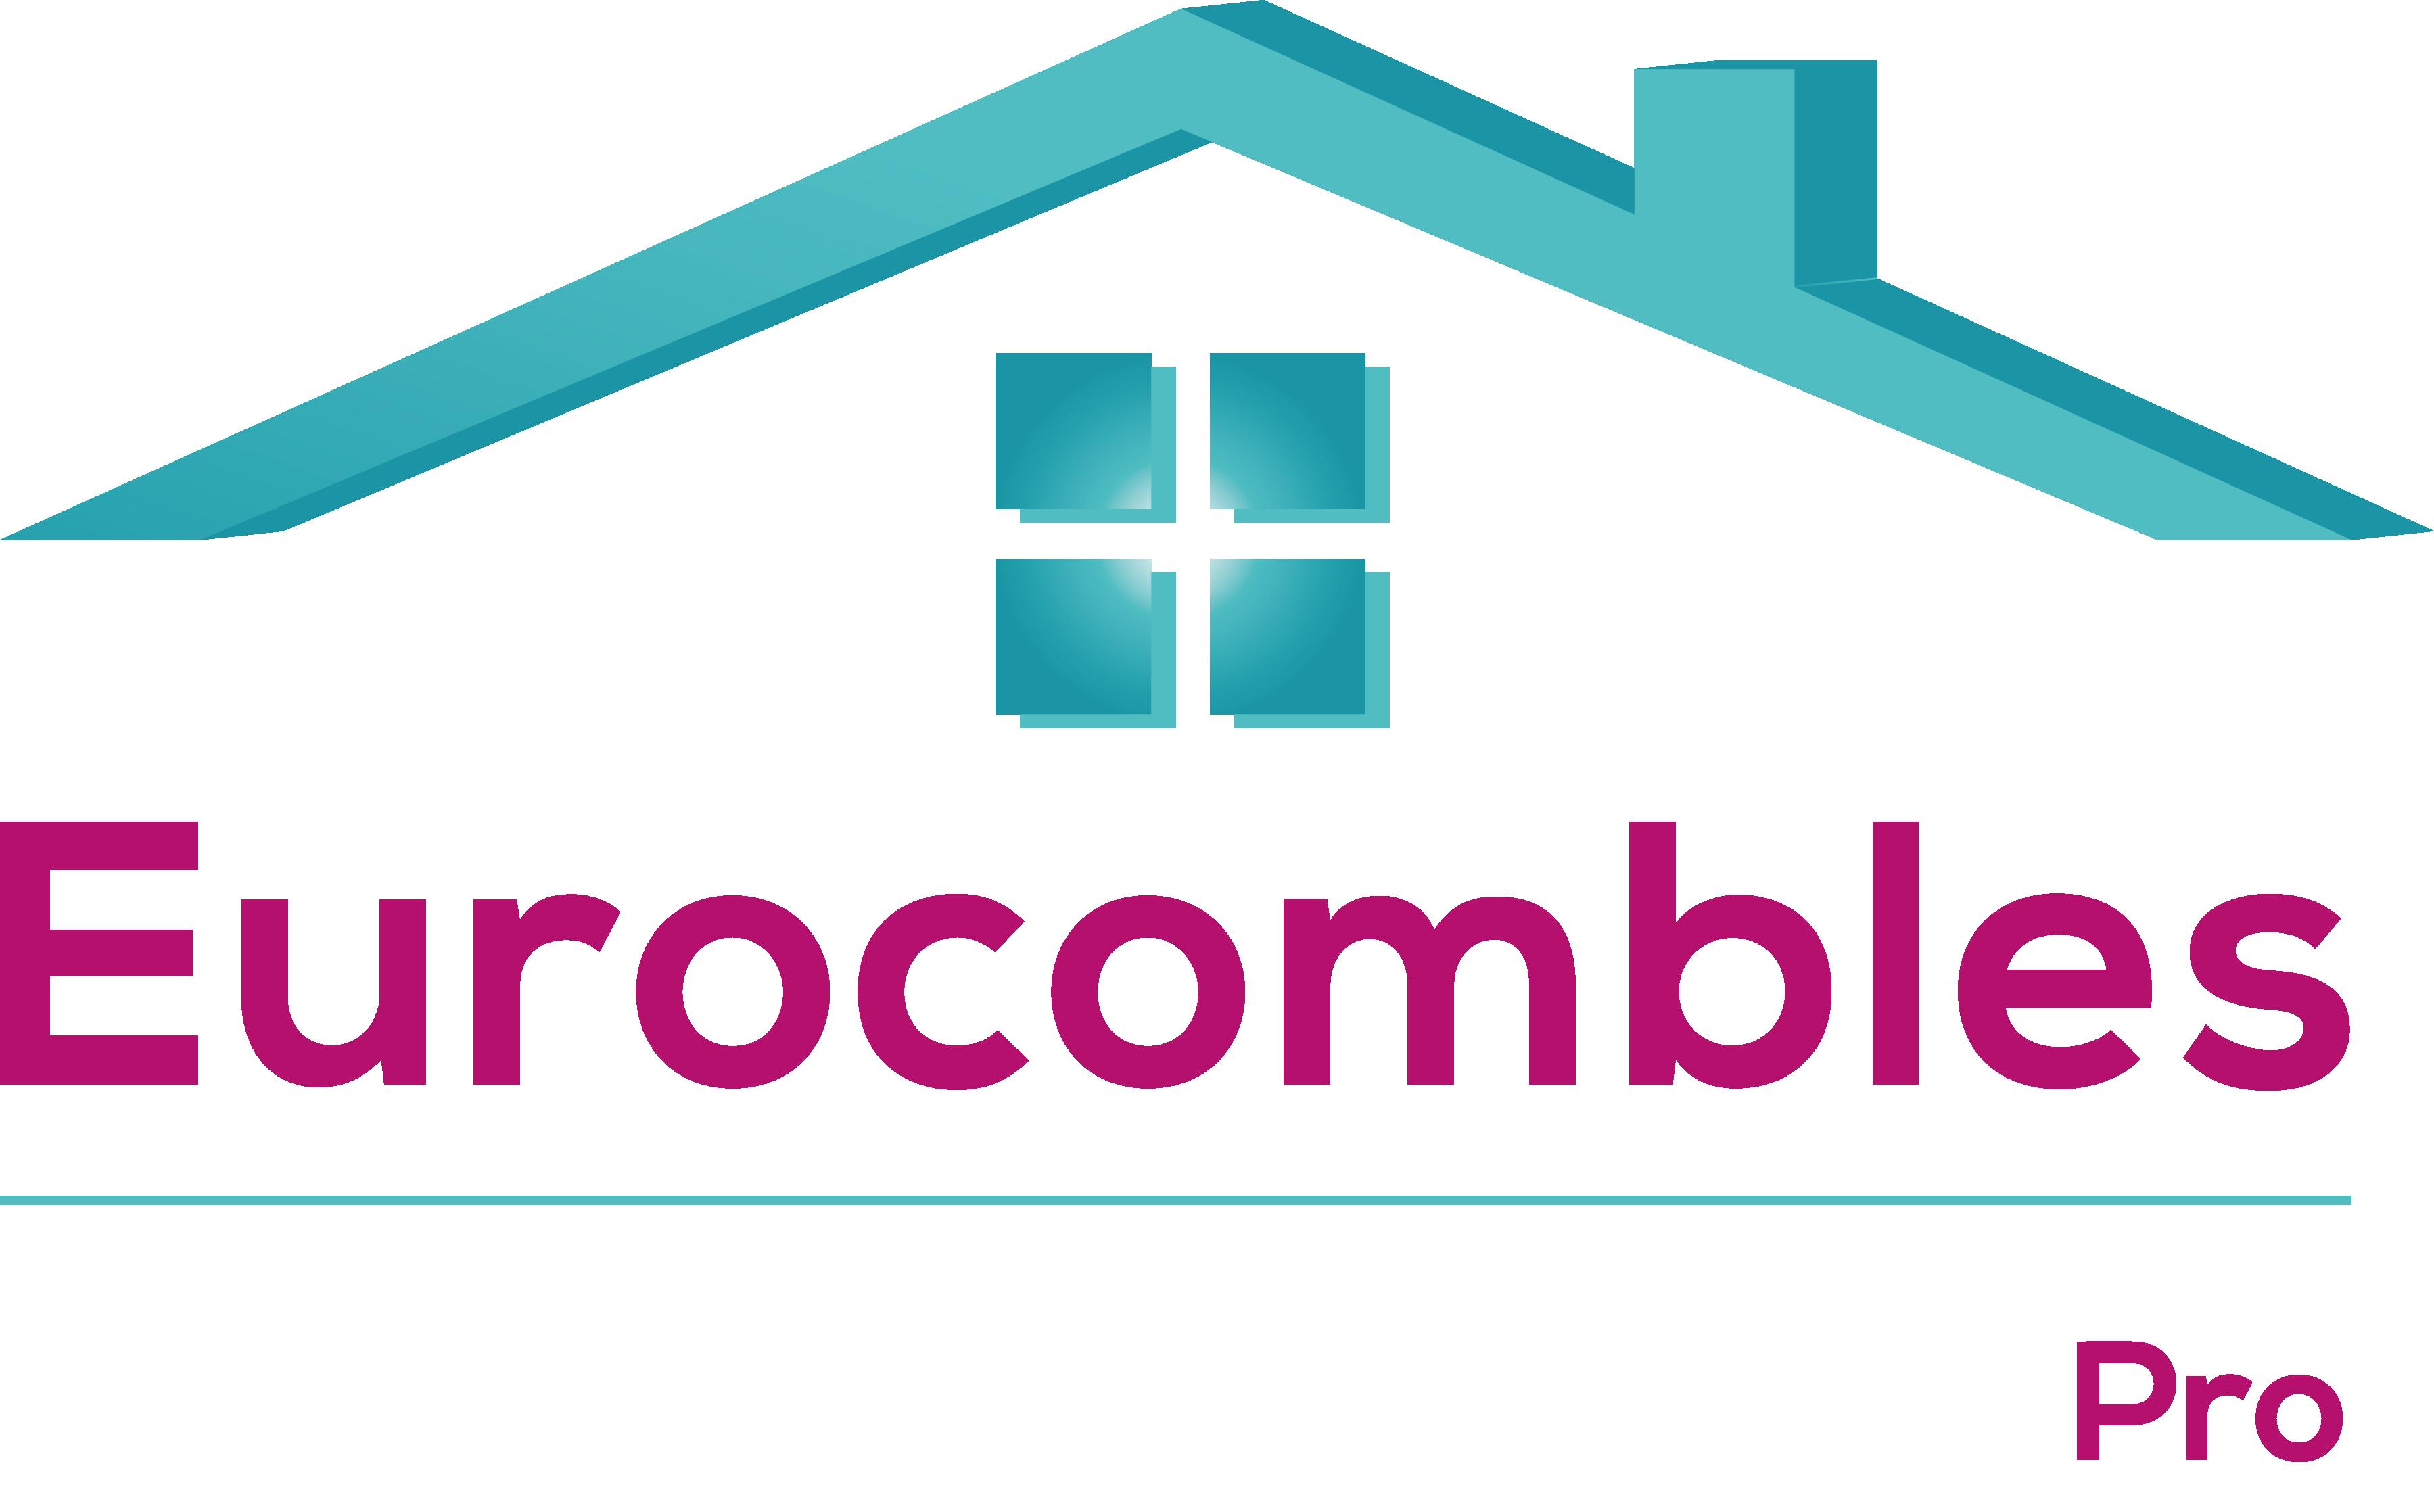 Eurocombles Pro